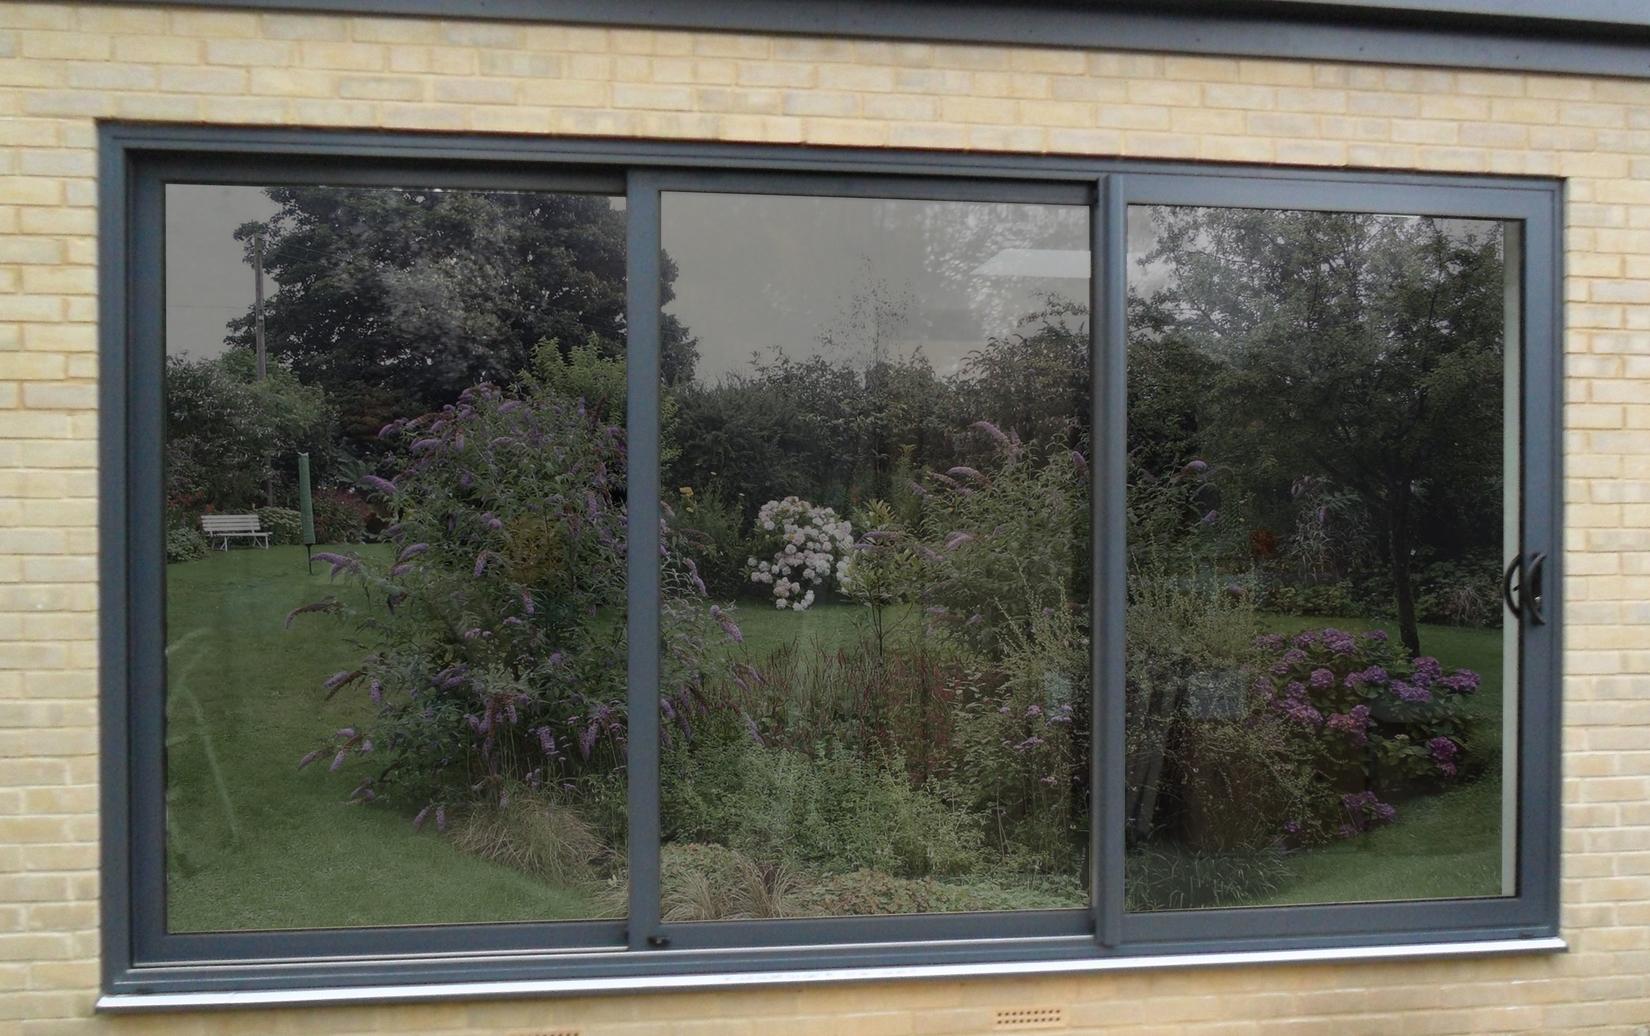 3 Panel Sliding Glass Patio Doors3 panel patio doors